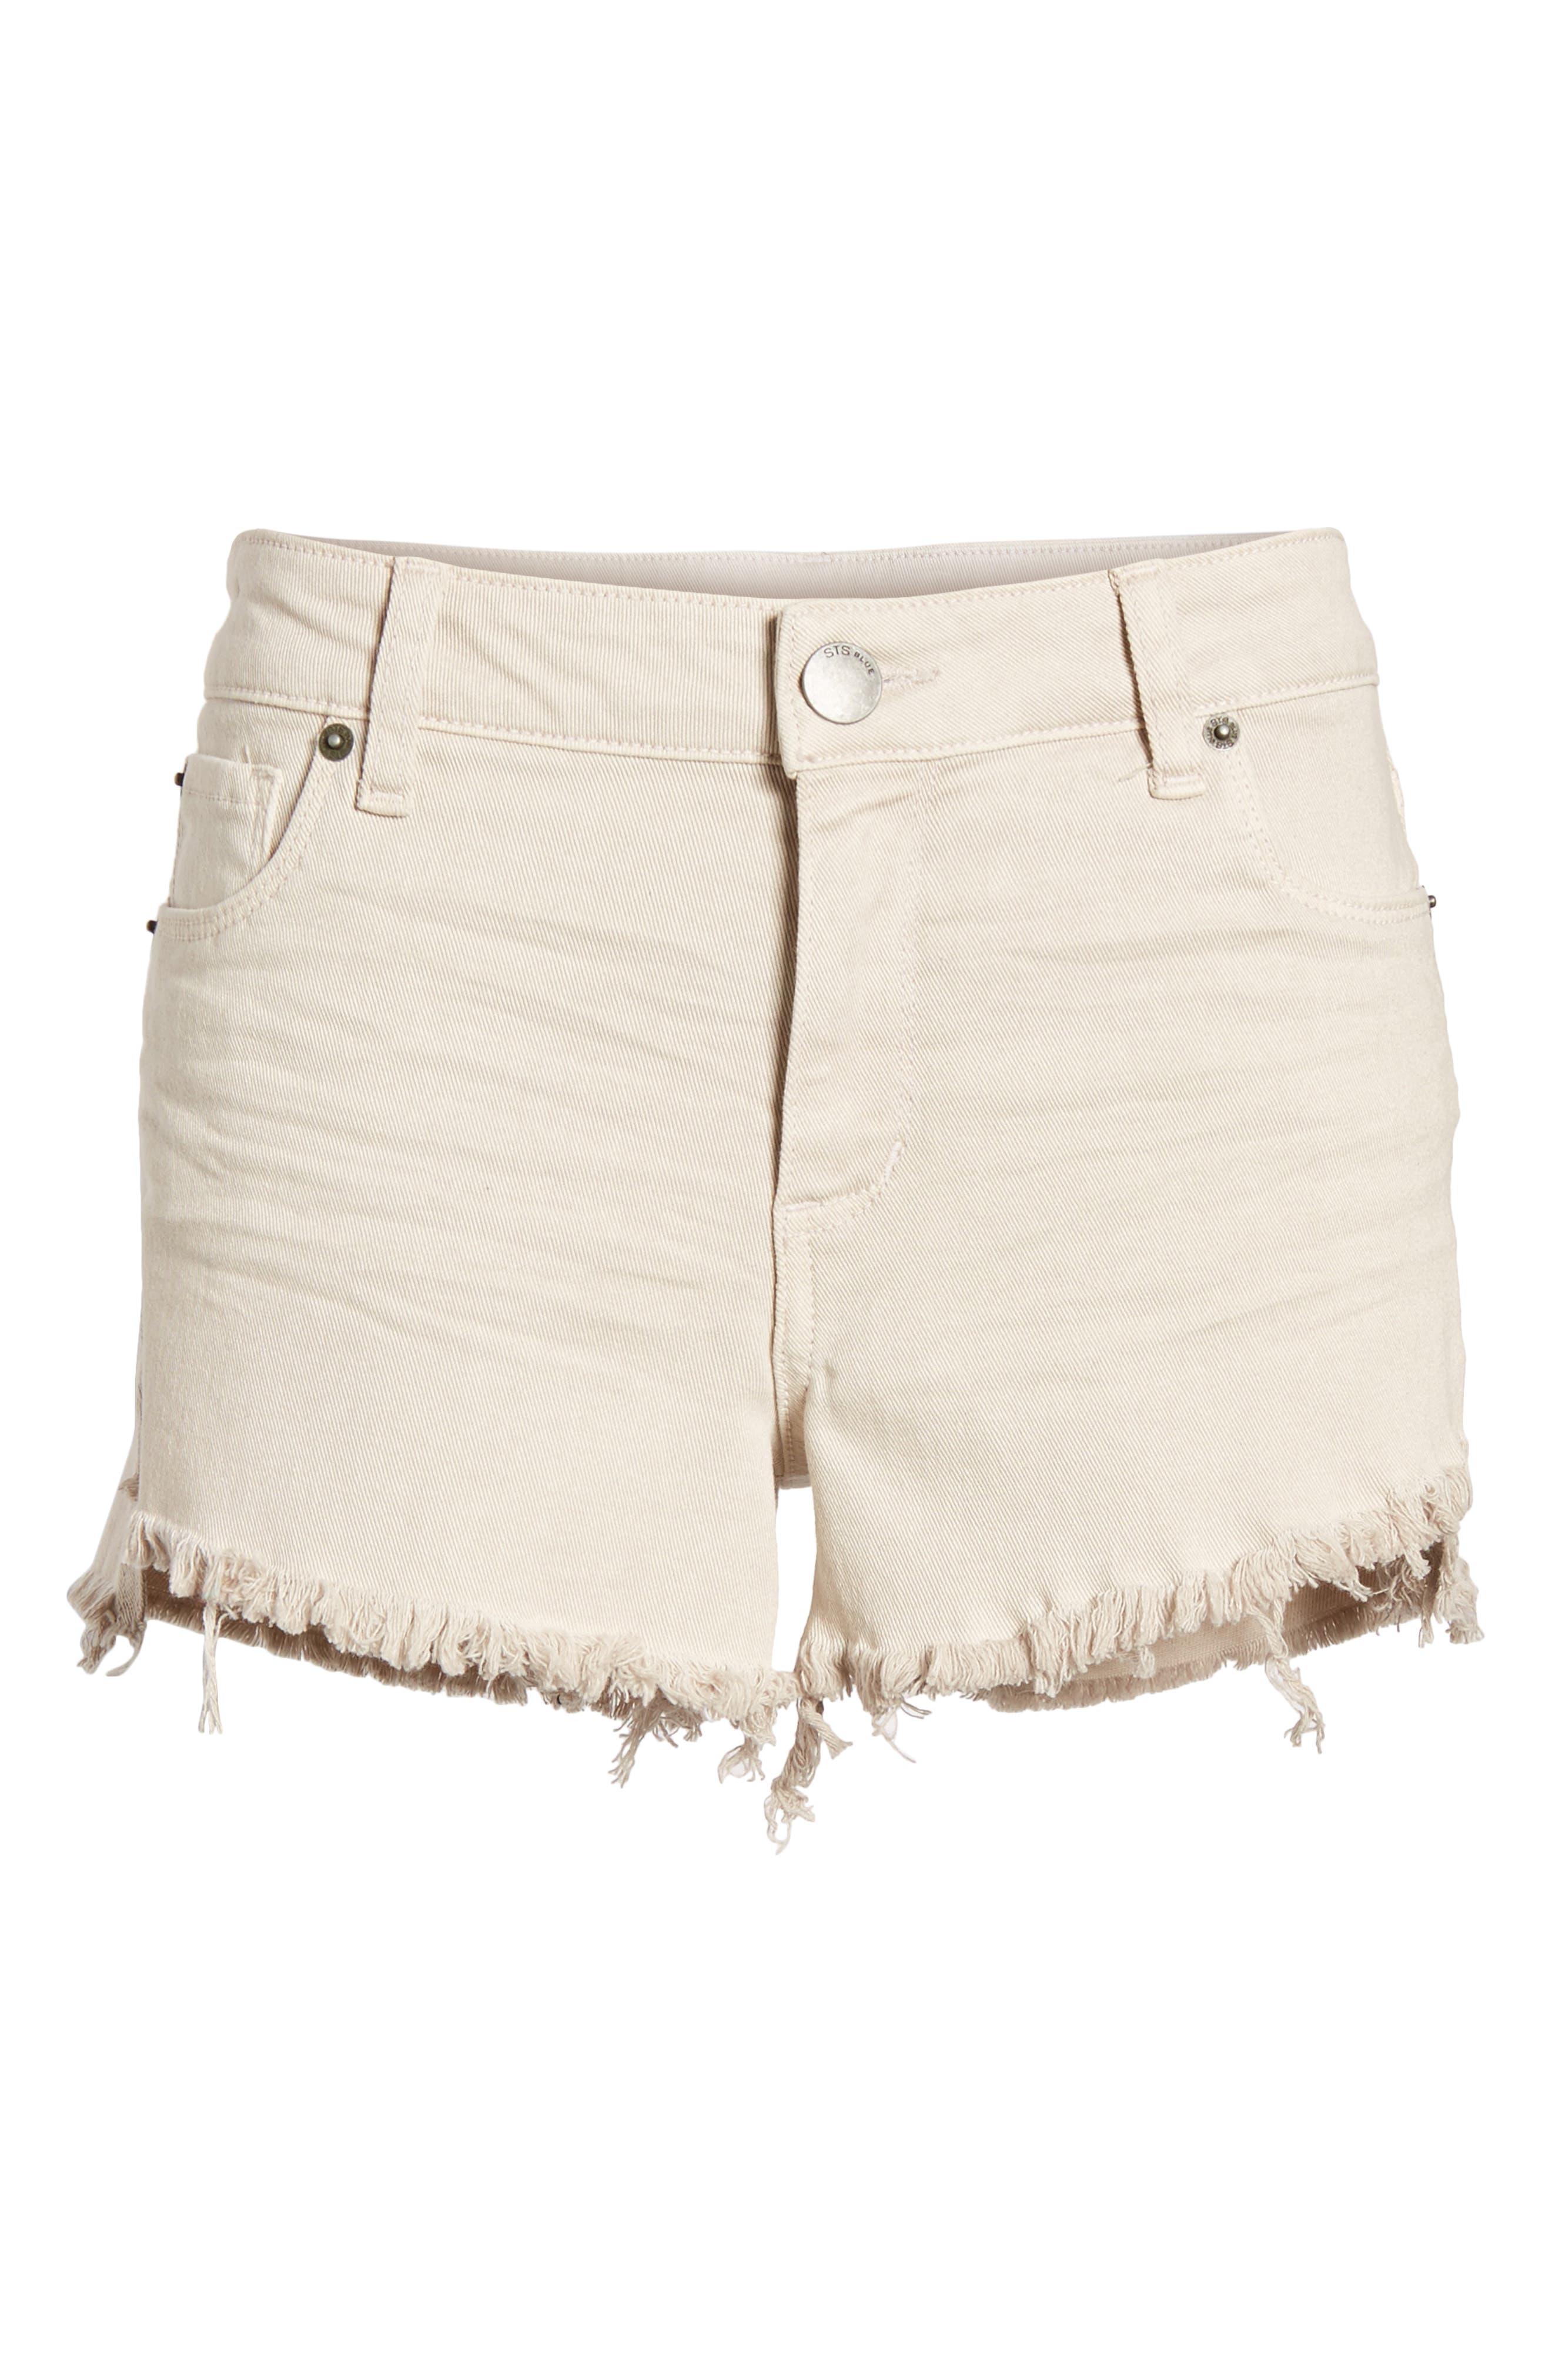 Step Hem Denim Shorts,                             Alternate thumbnail 7, color,                             Dove